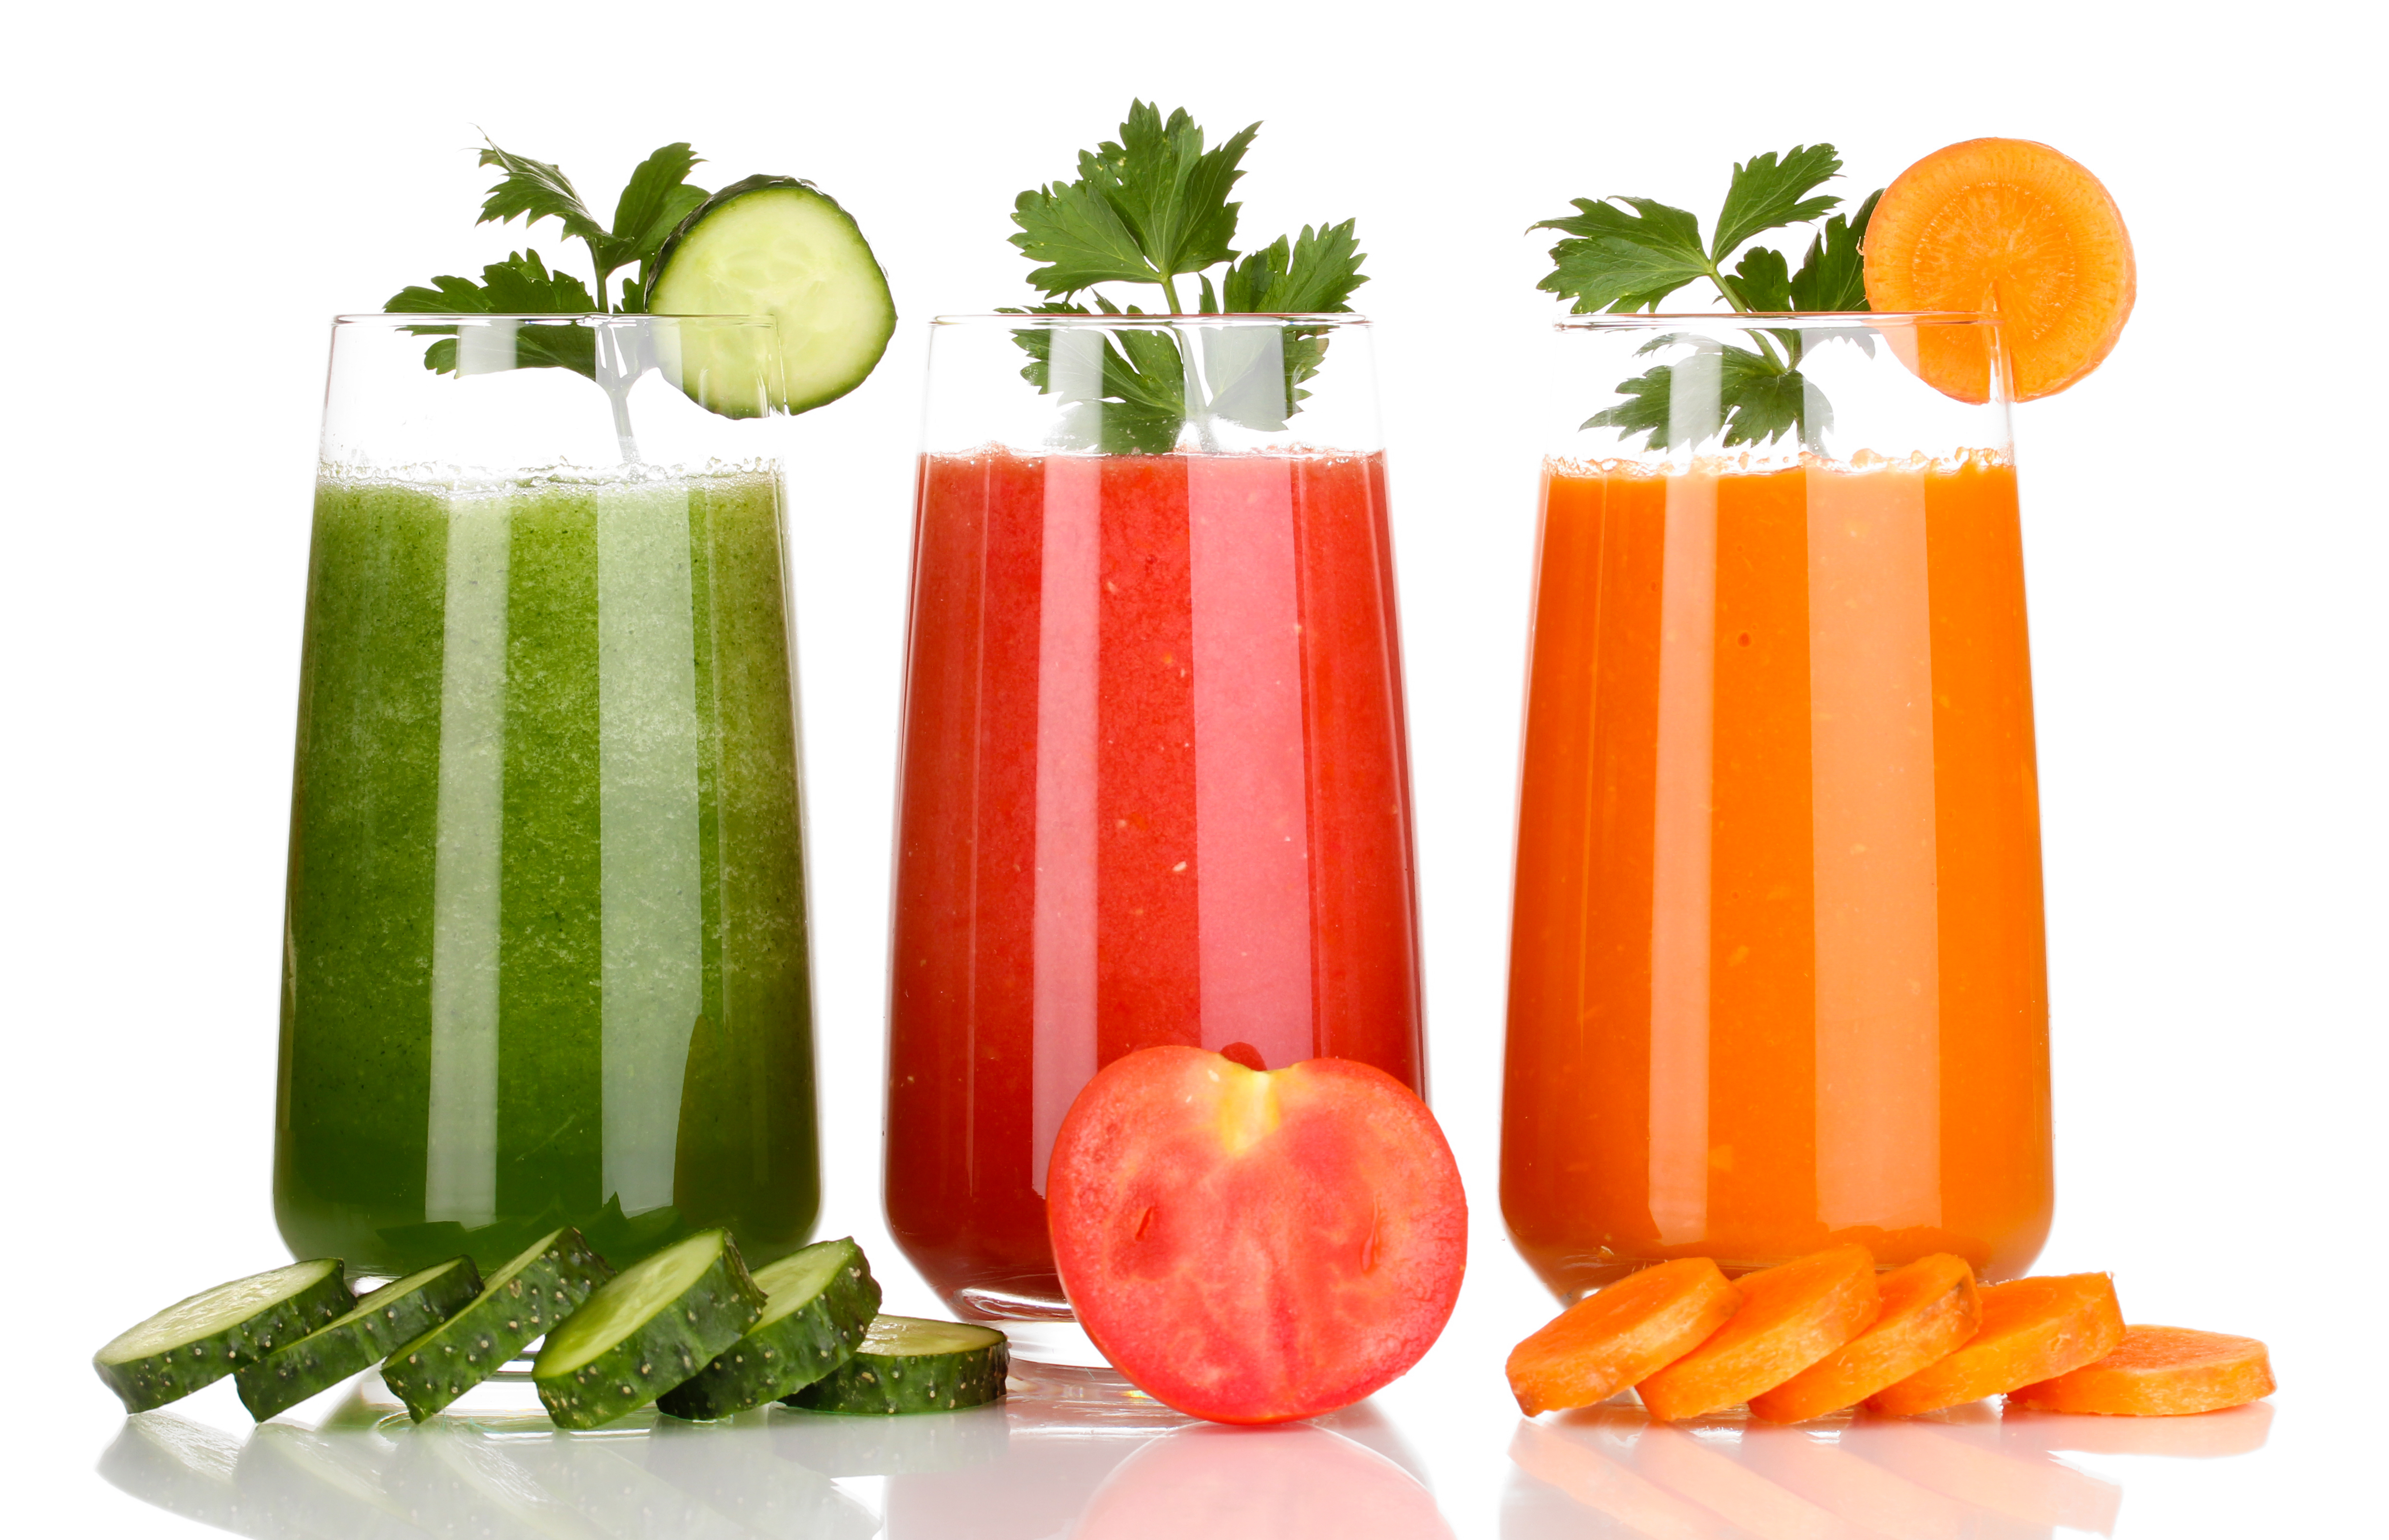 zöldség és gyümölcs levek